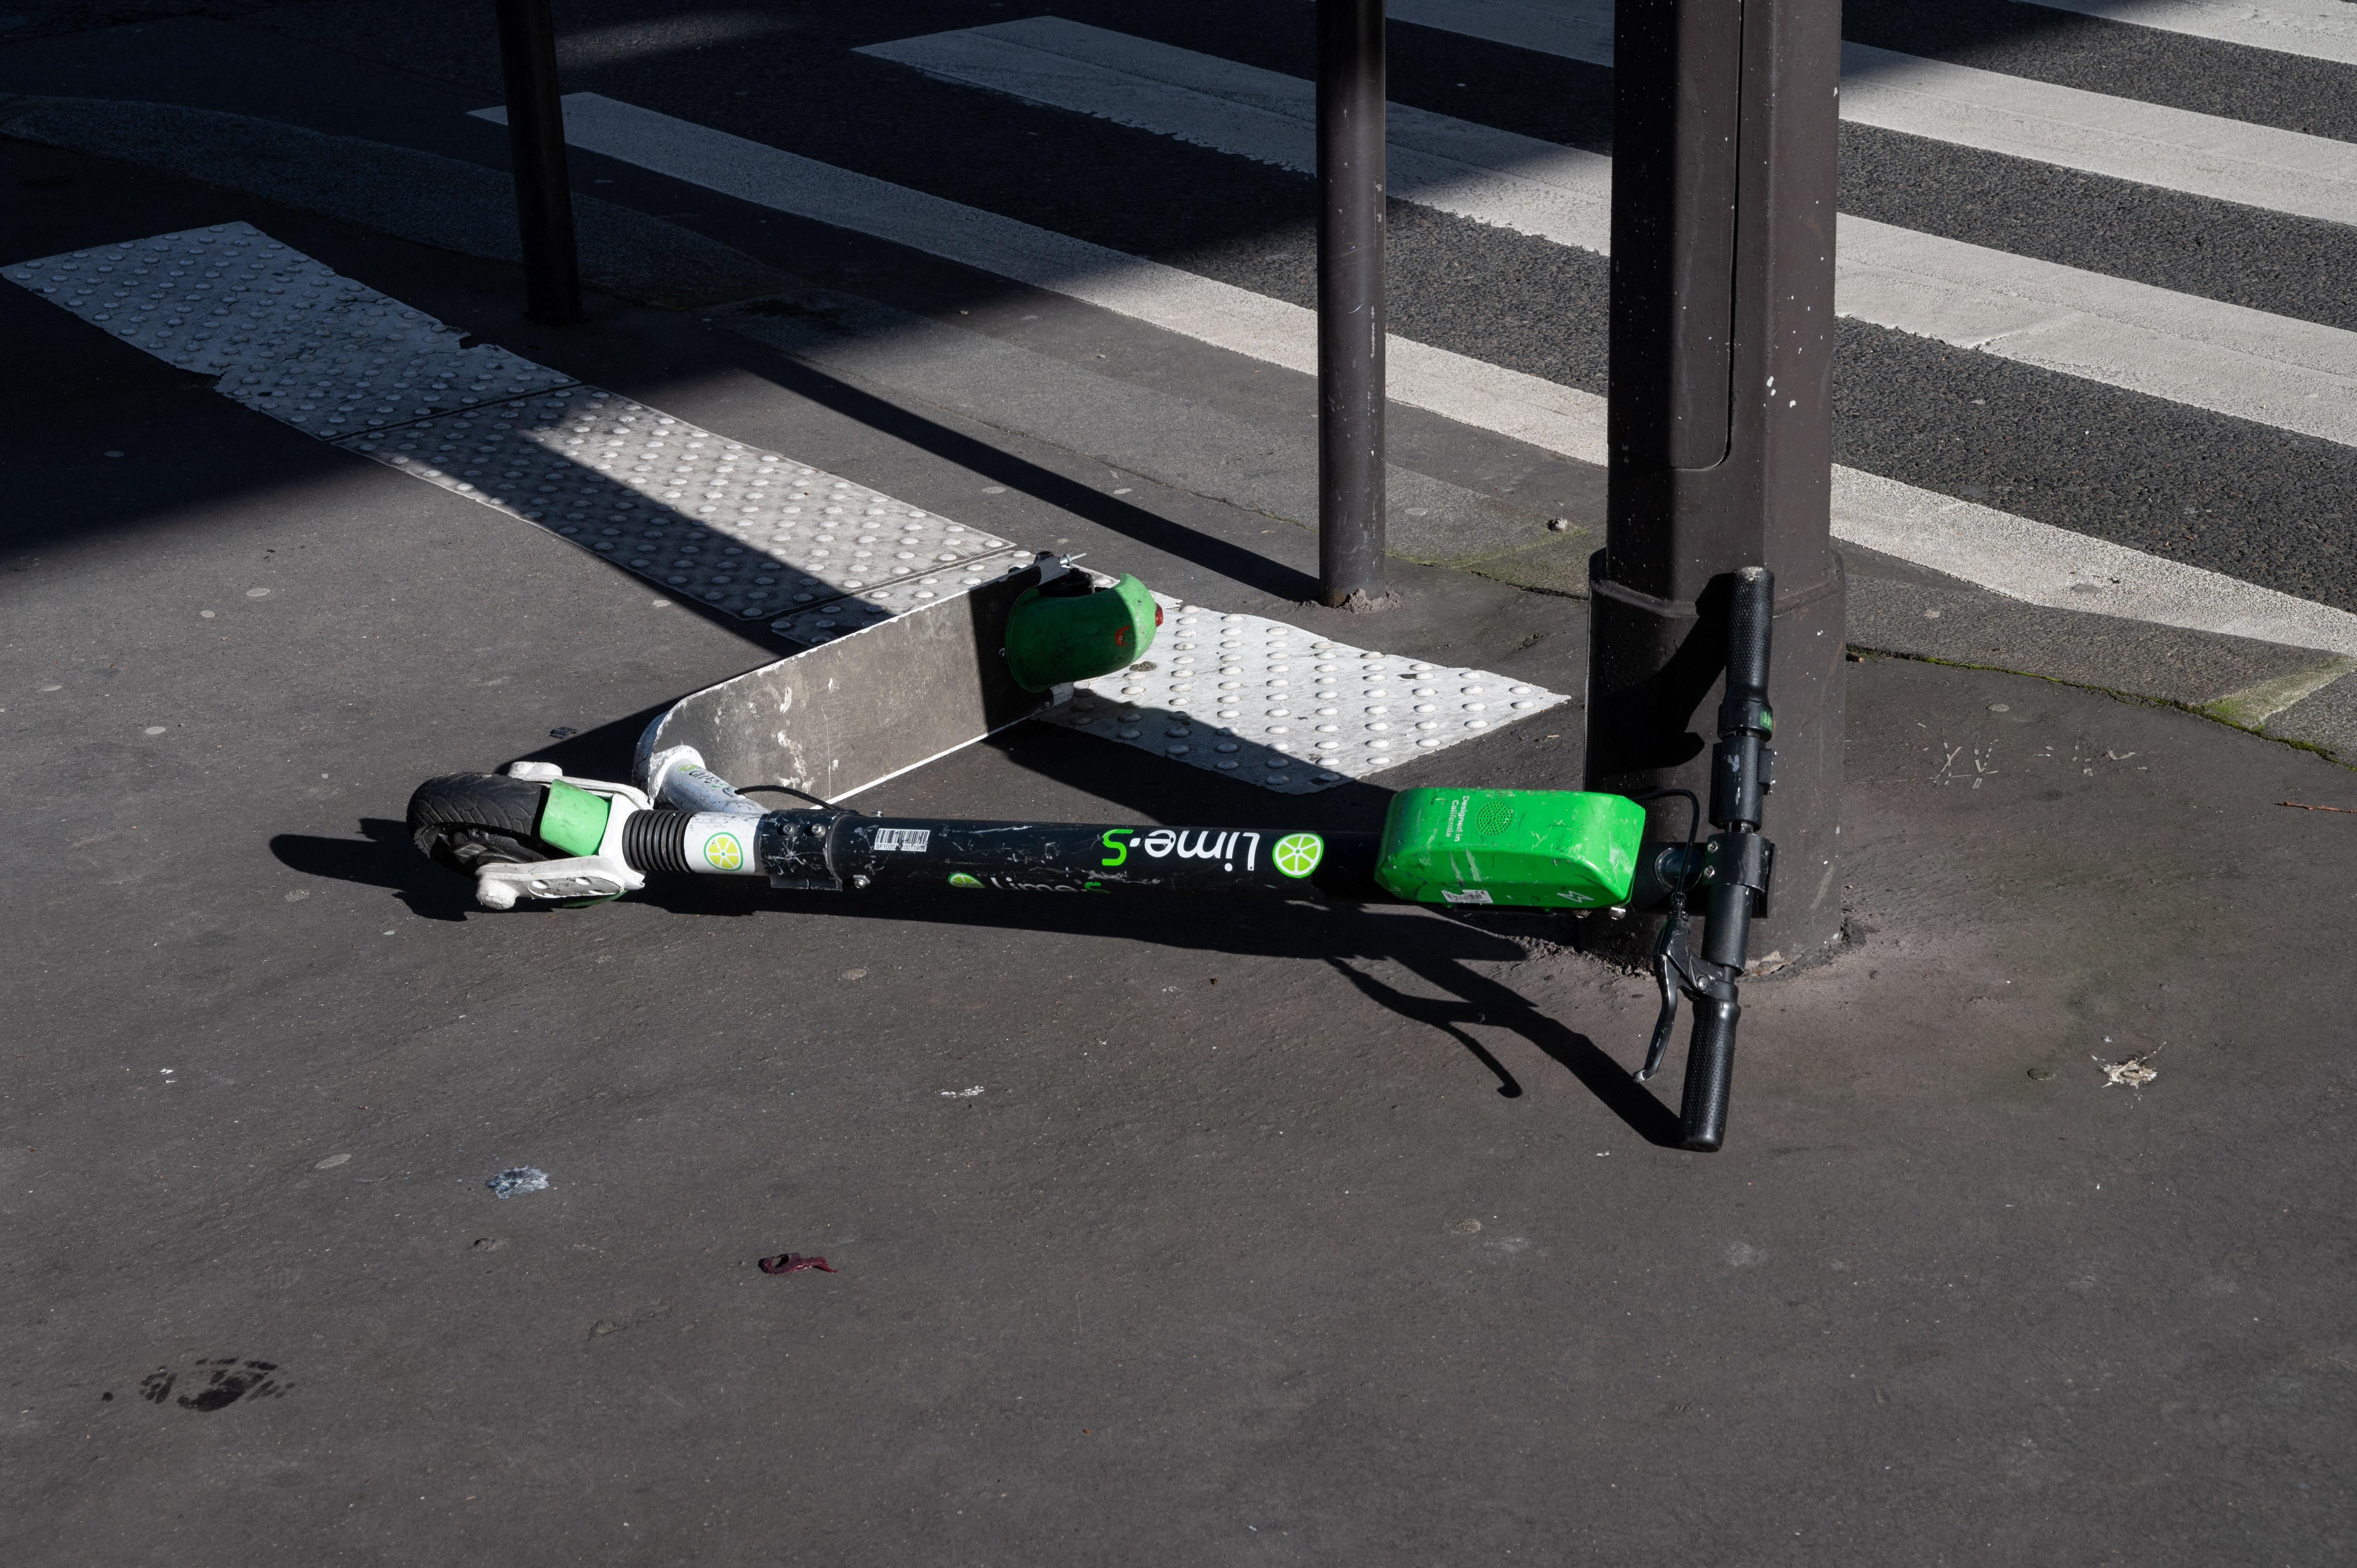 Kitiltották az elektromos rollereket Székesfehérvár sétálóutcáiról